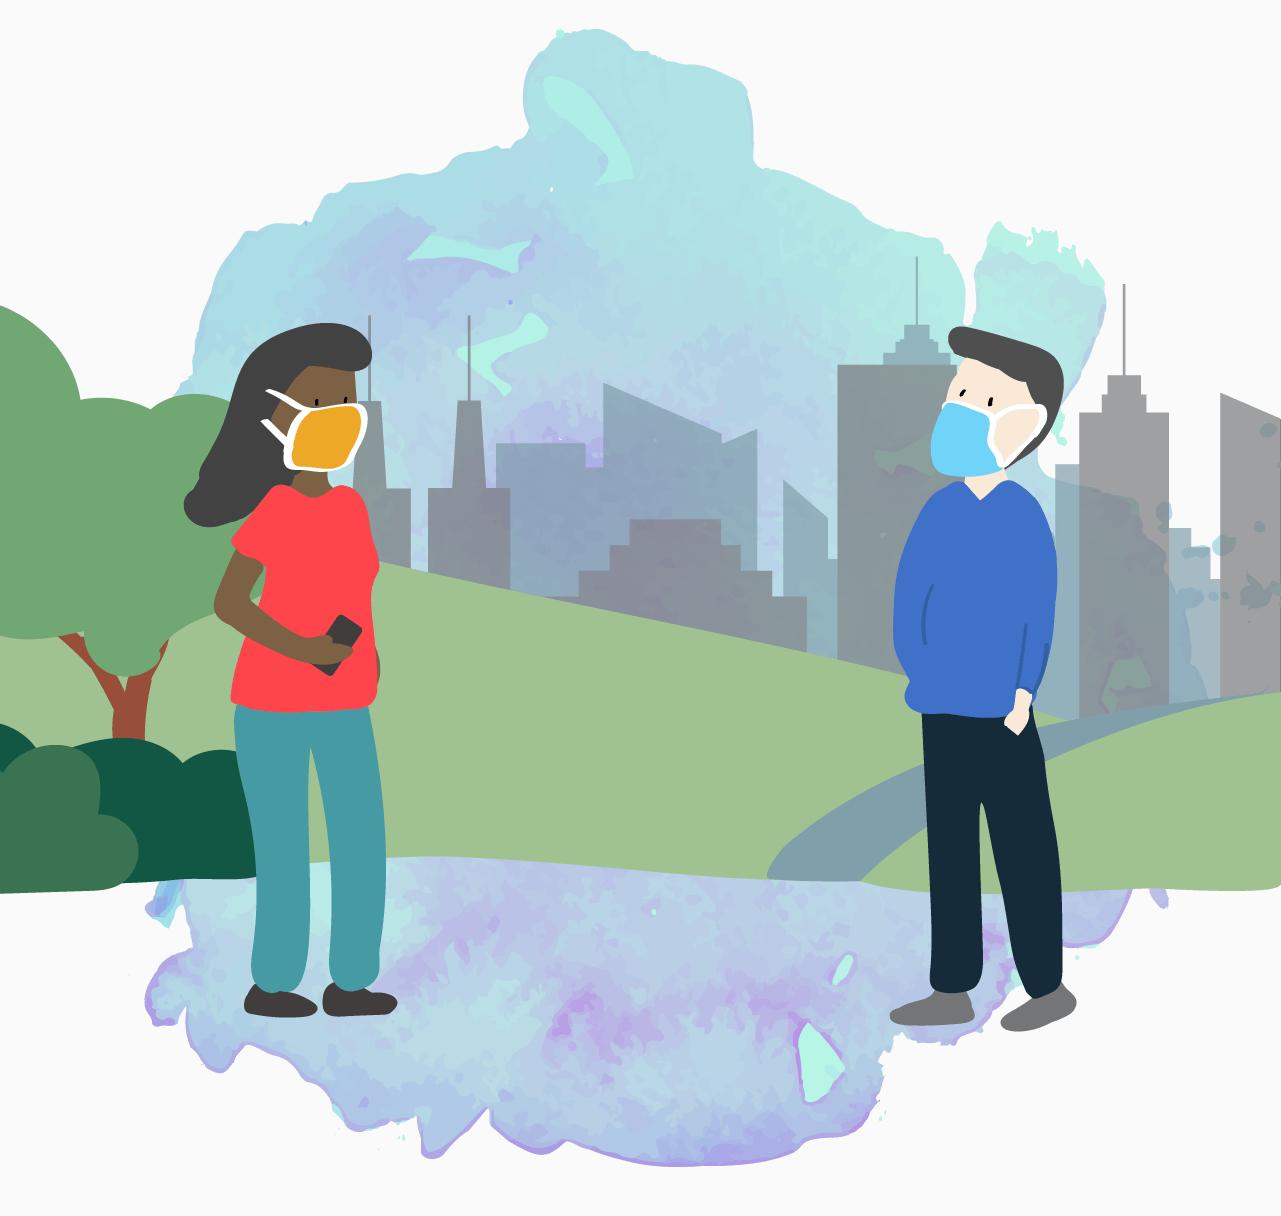 Se possível, tente se conectar de alguma maneira com amigos, familiares, vizinhos, e todas as pessoas com as quais você se sente bem